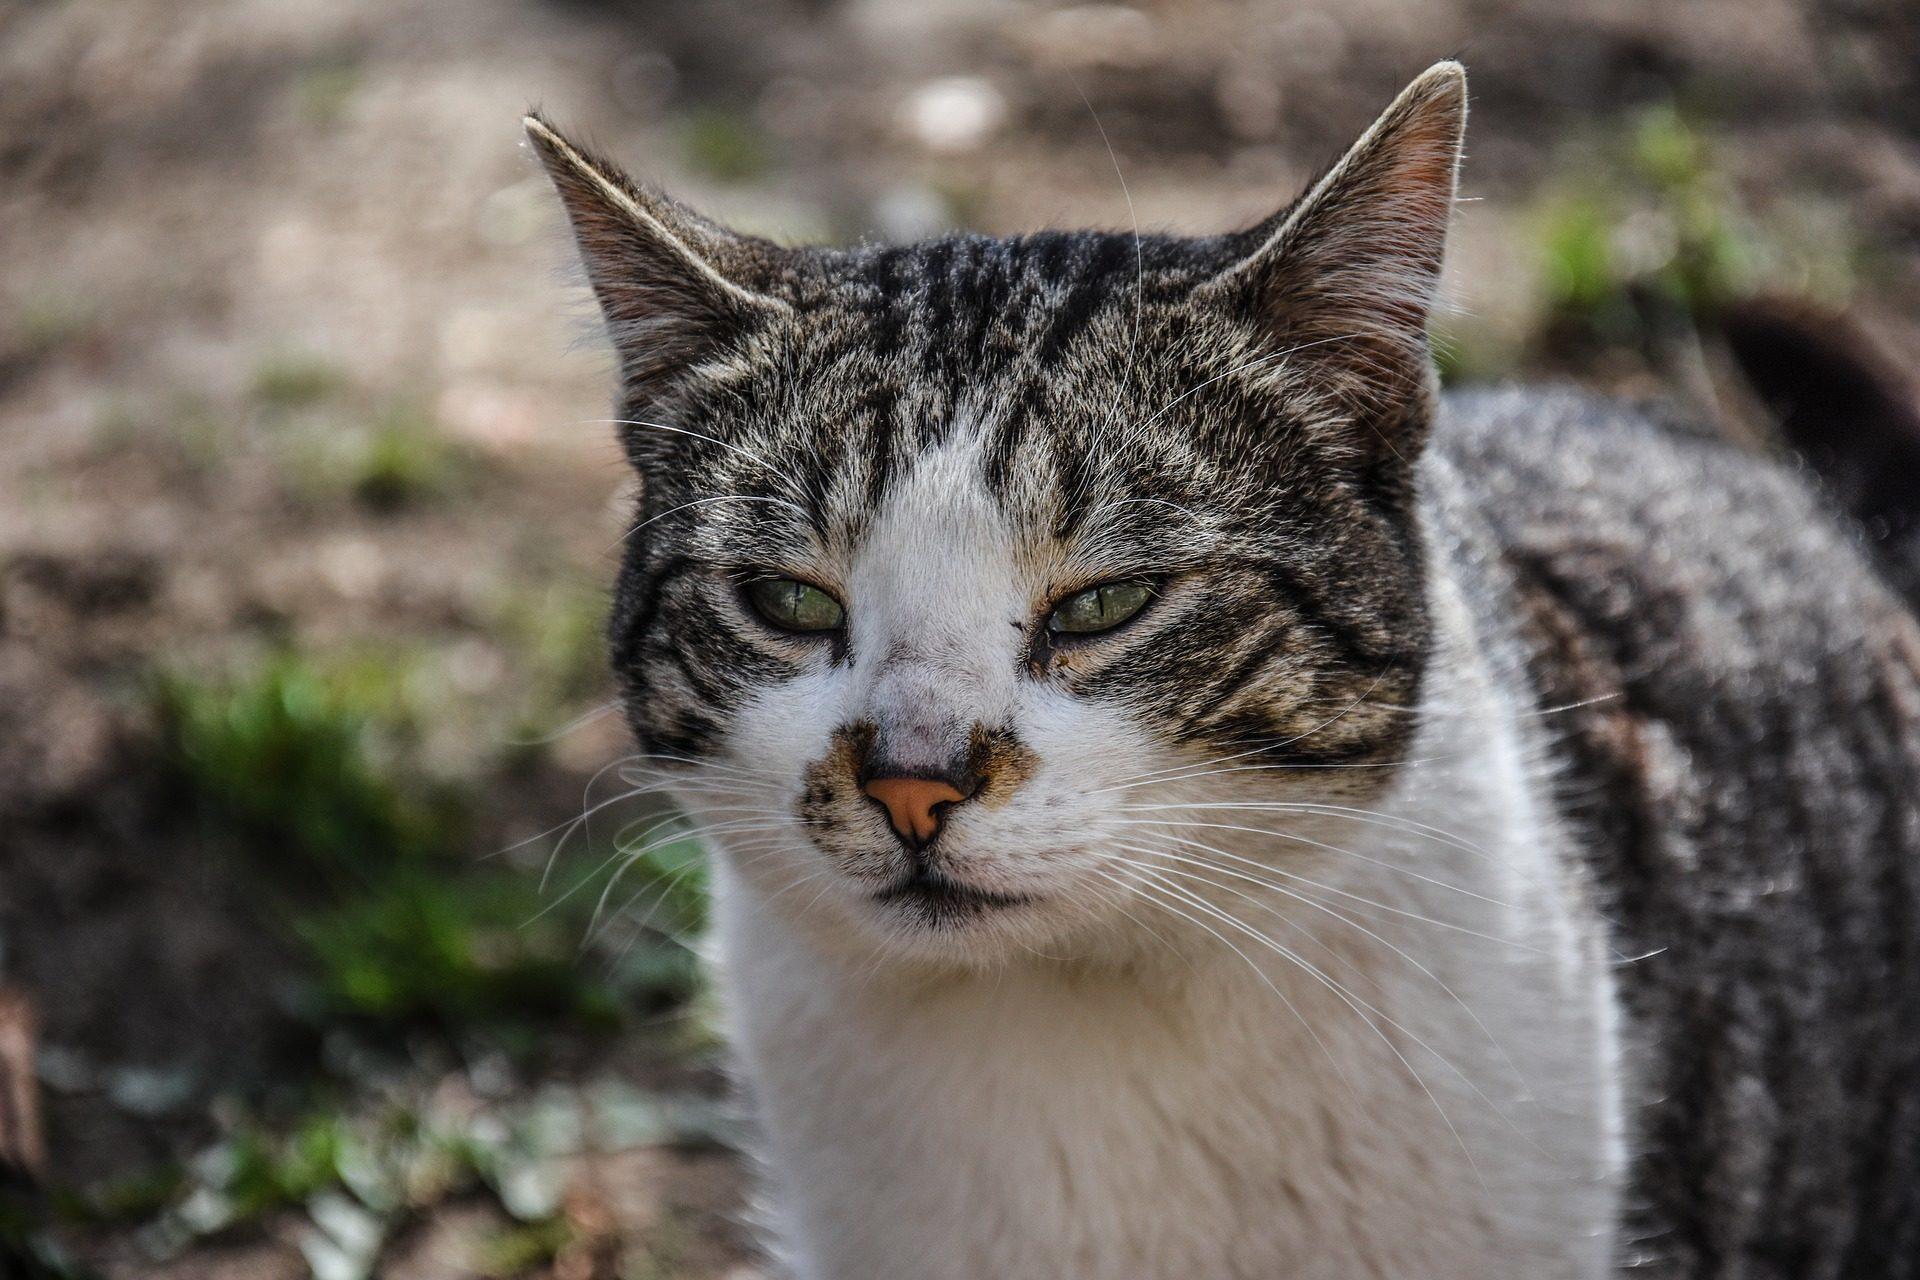 chat, félin, coup d'oeil, fourrure, moustaches, Animal de compagnie - Fonds d'écran HD - Professor-falken.com